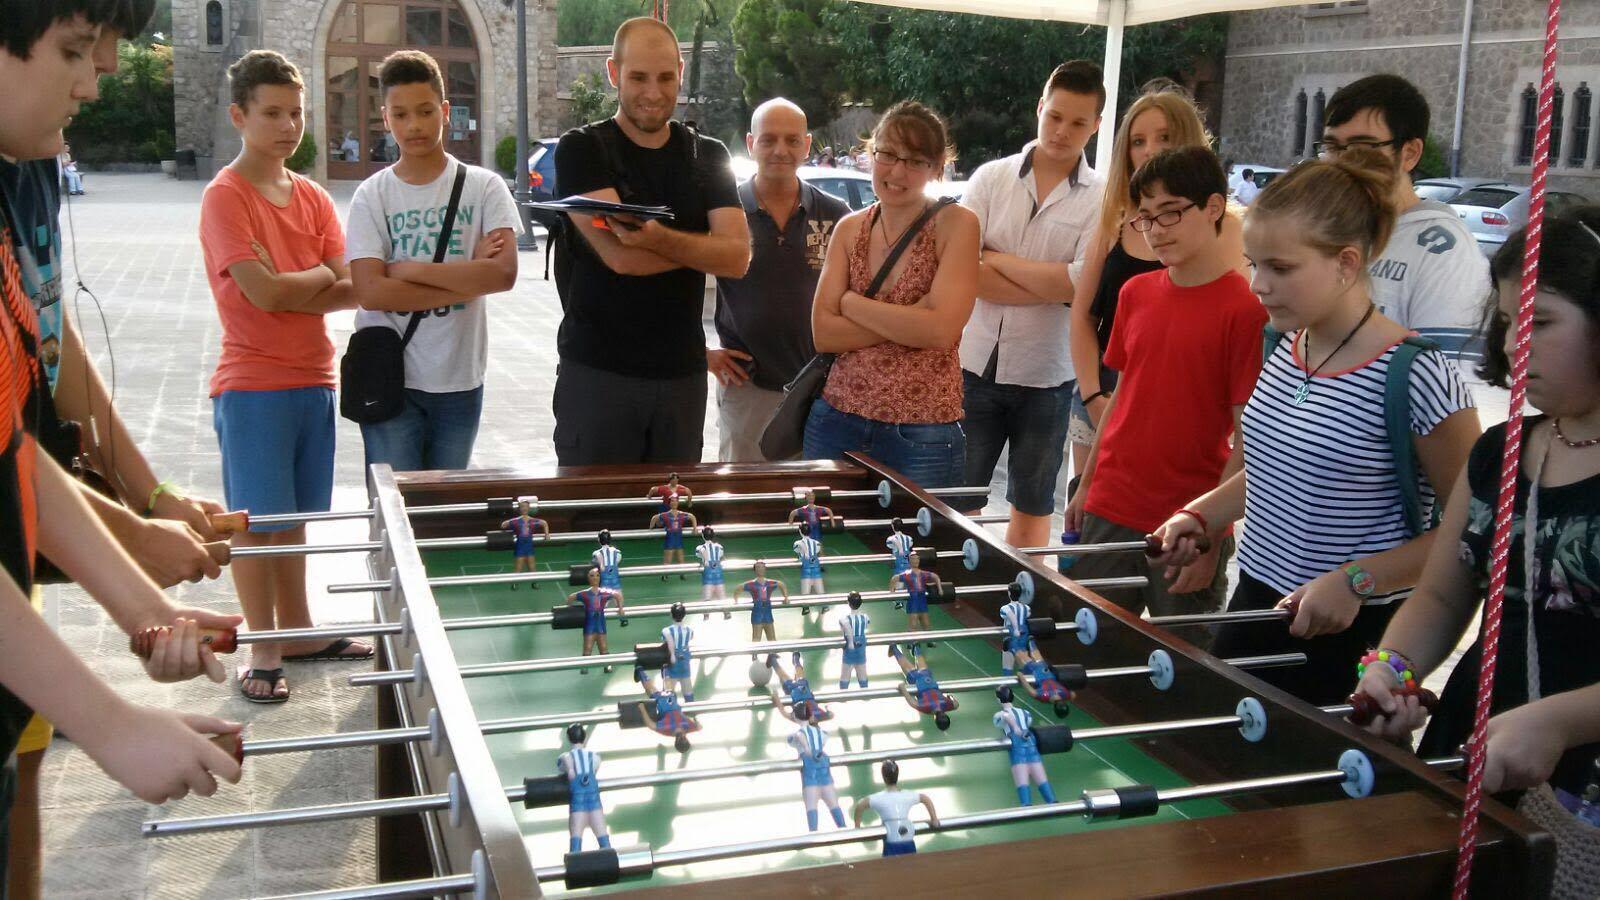 Concurso Futbolín: Fiestas de La Salud